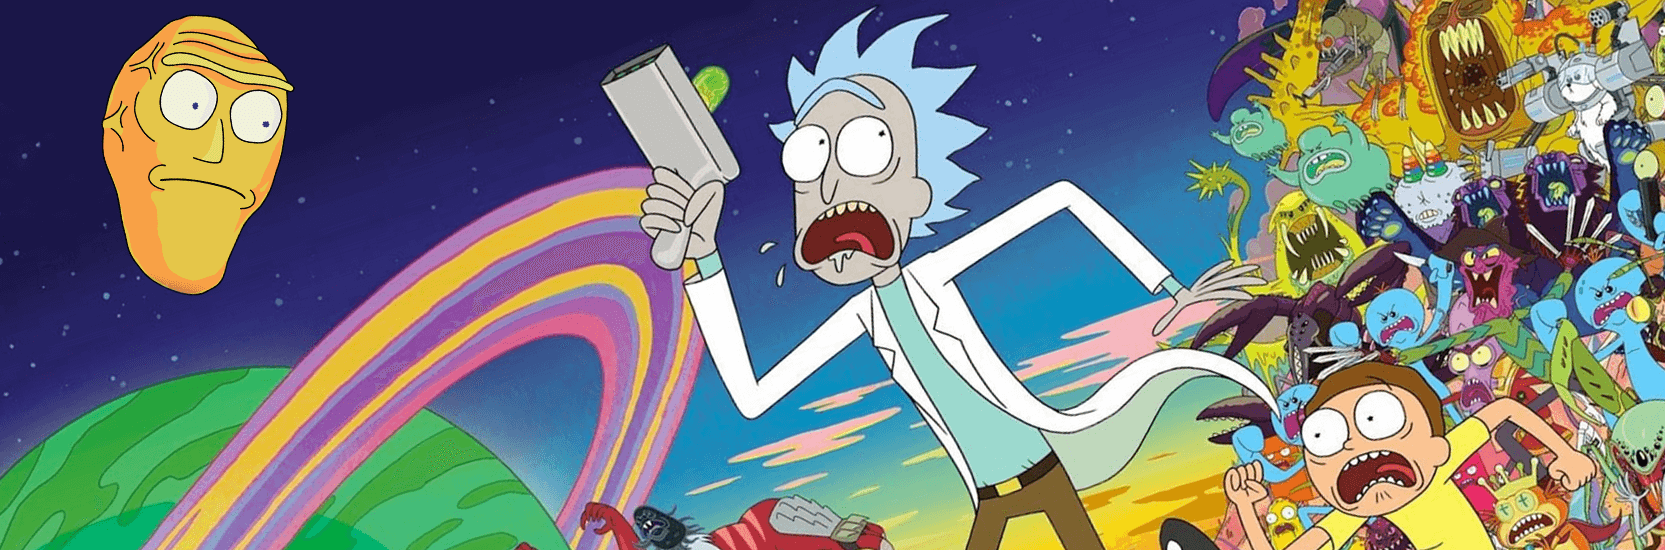 """Dan Harmon s'explique sur le retard de la saison 3 de """"Rick et Morty""""… qui a enfin une date de diffusion !"""